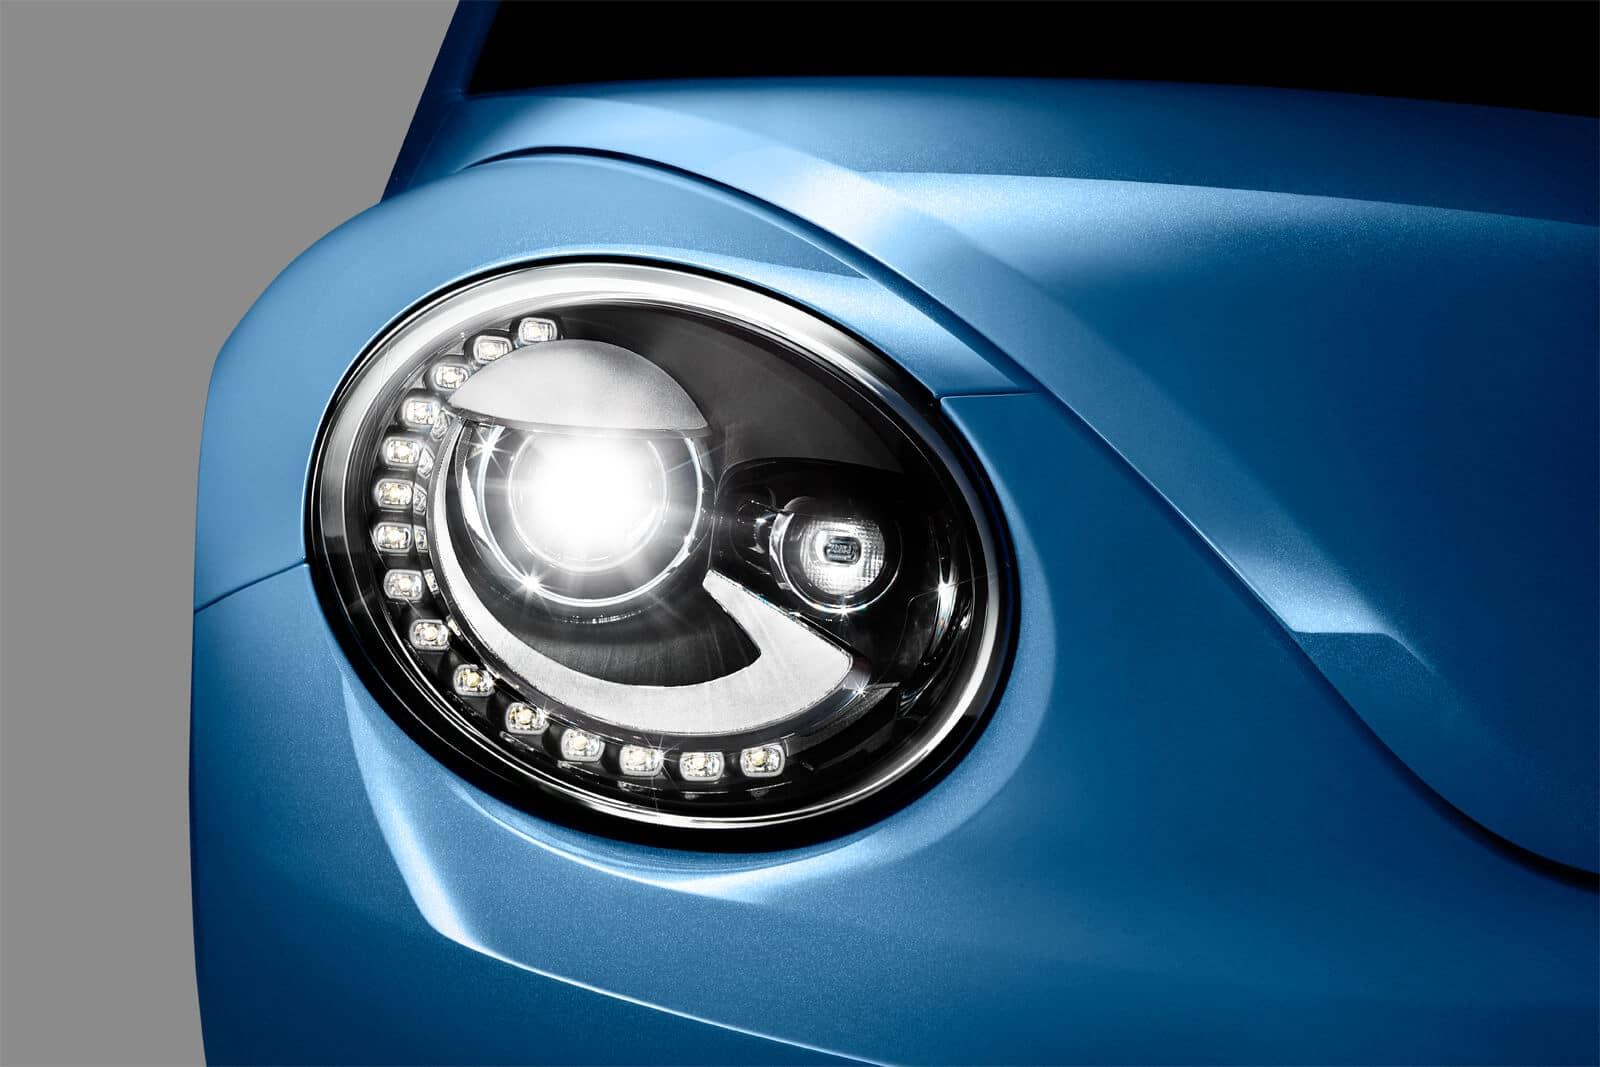 2019 VW Beetle Headlight